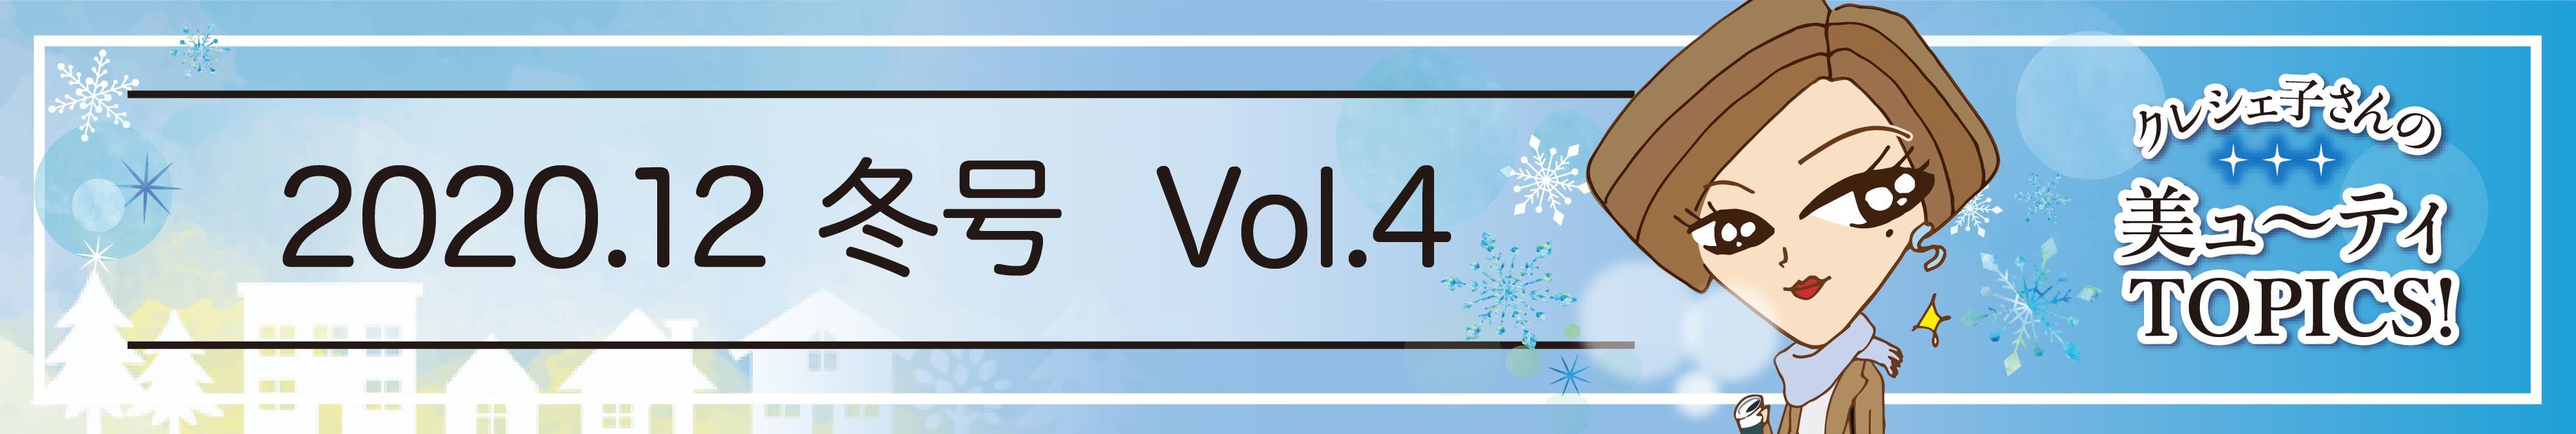 2020.4 冬号 Vol.1